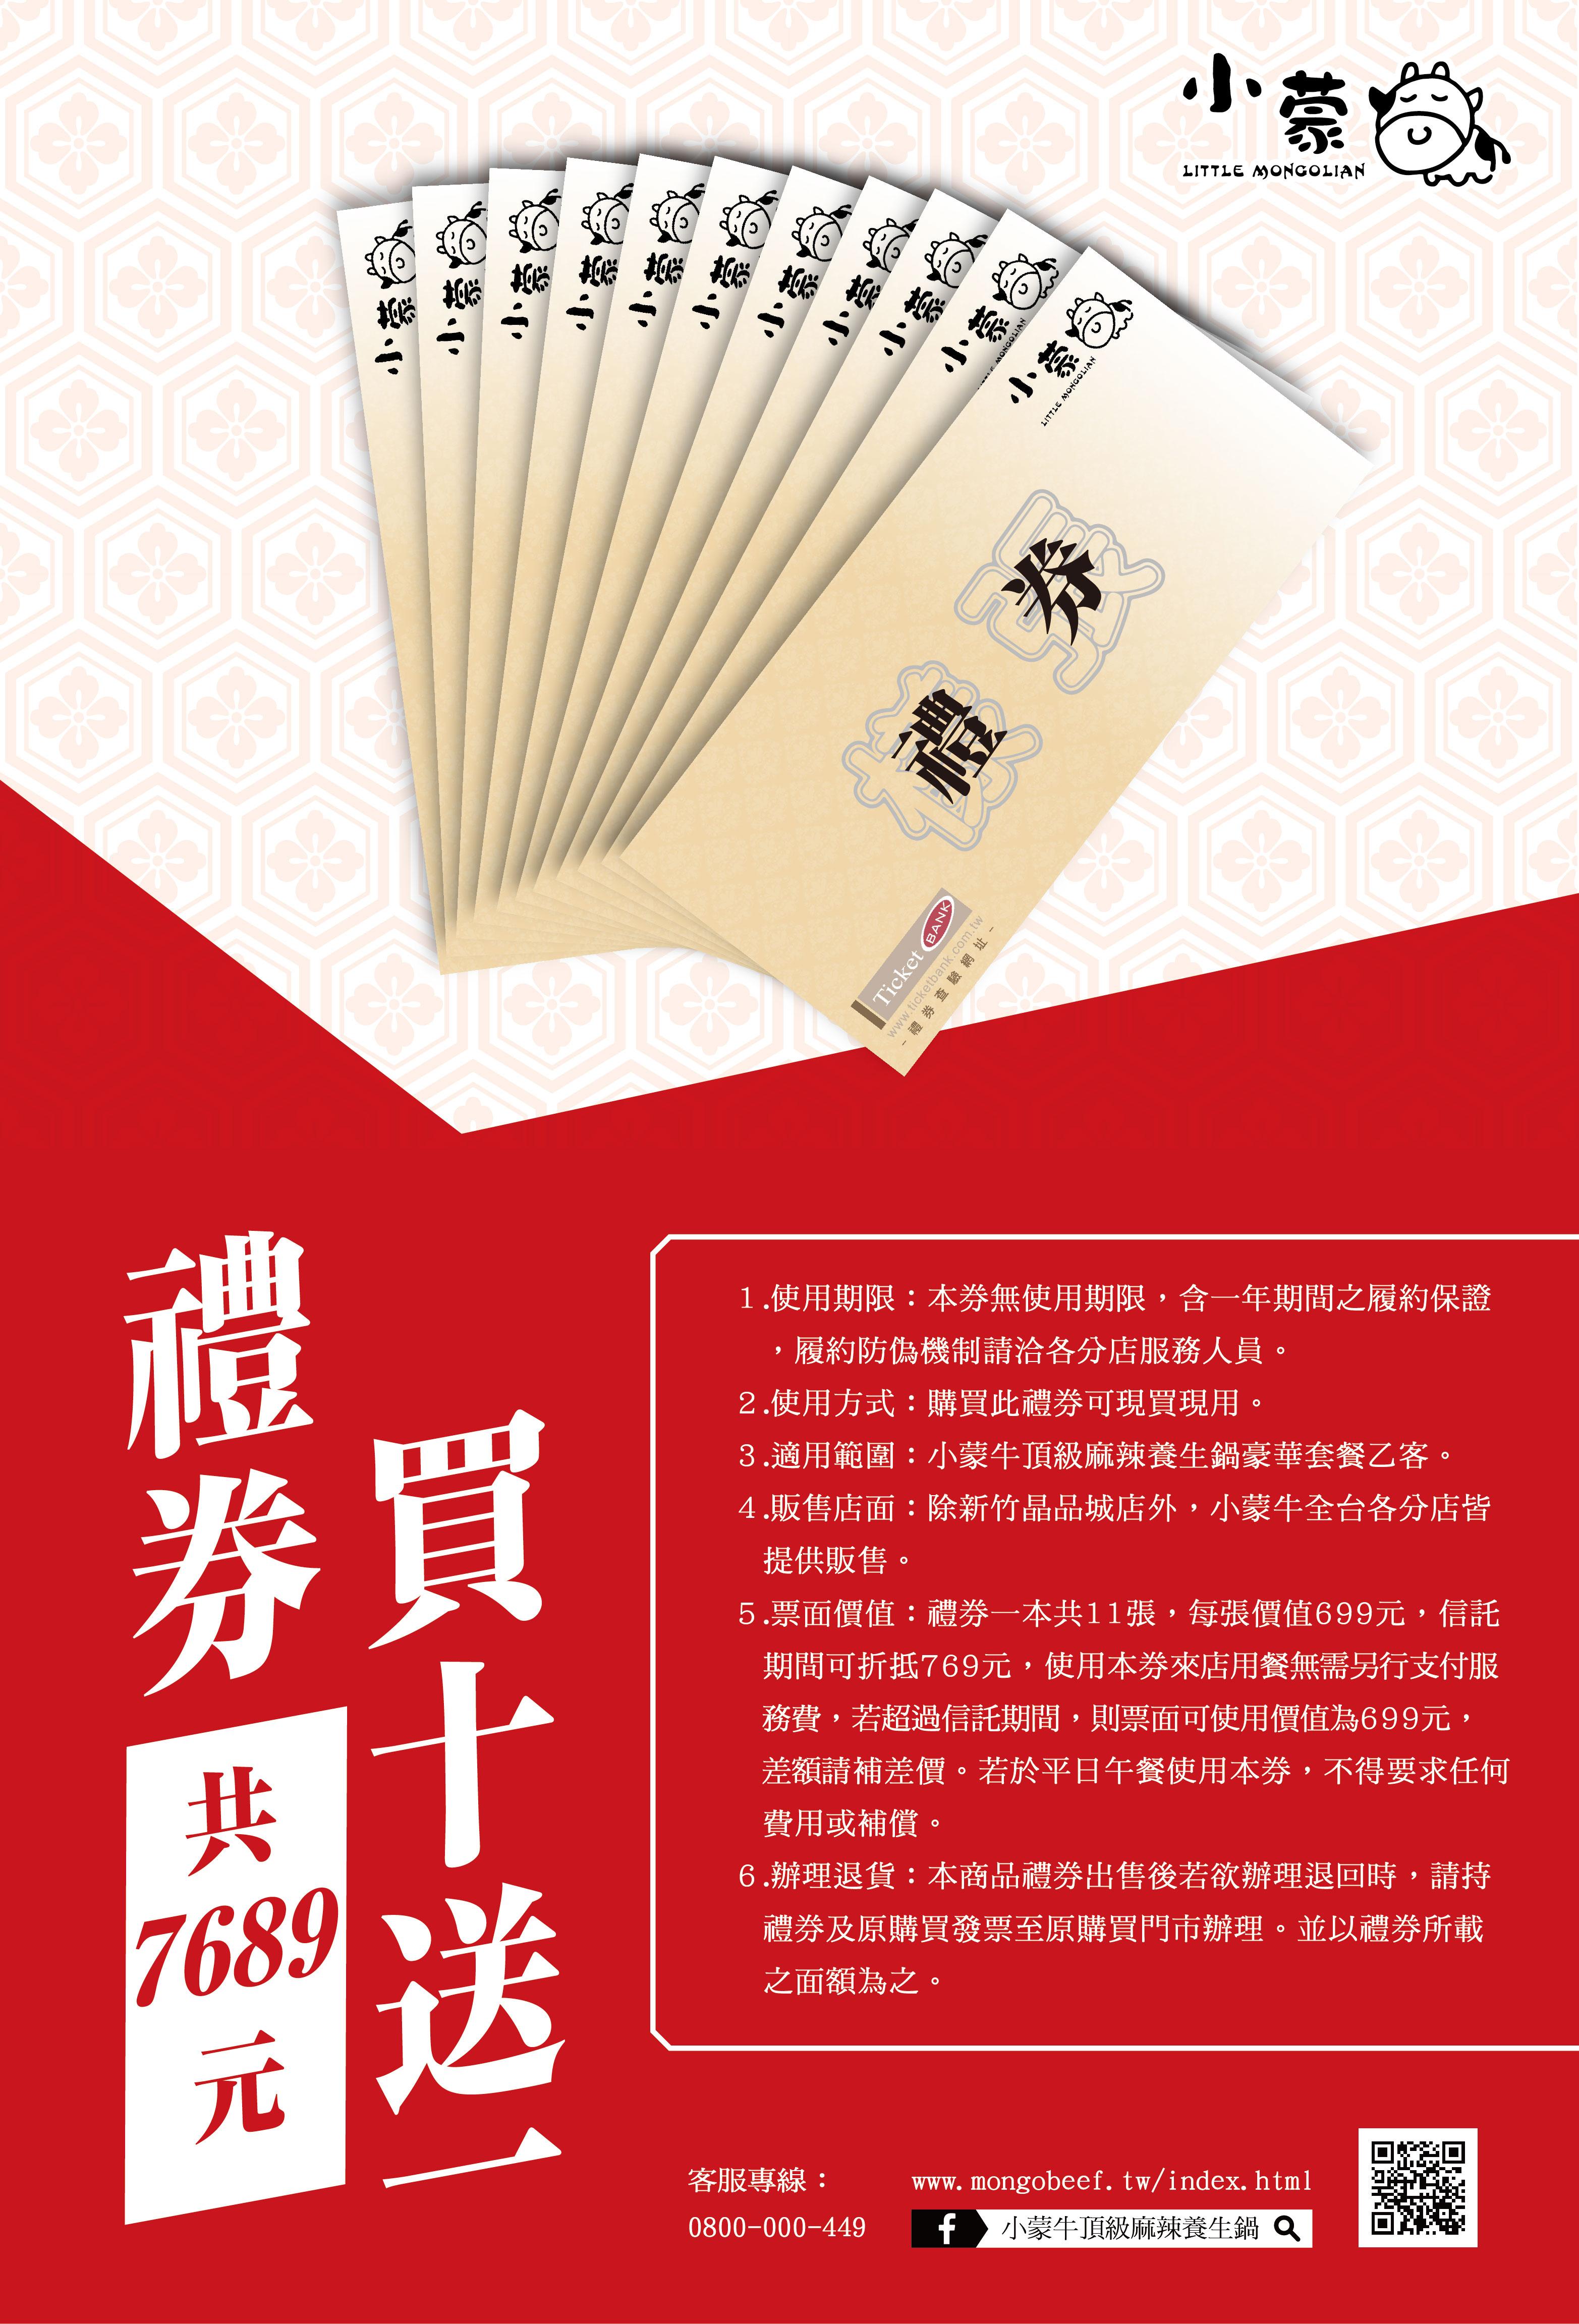 1061110小蒙牛禮券海報-01.jpg